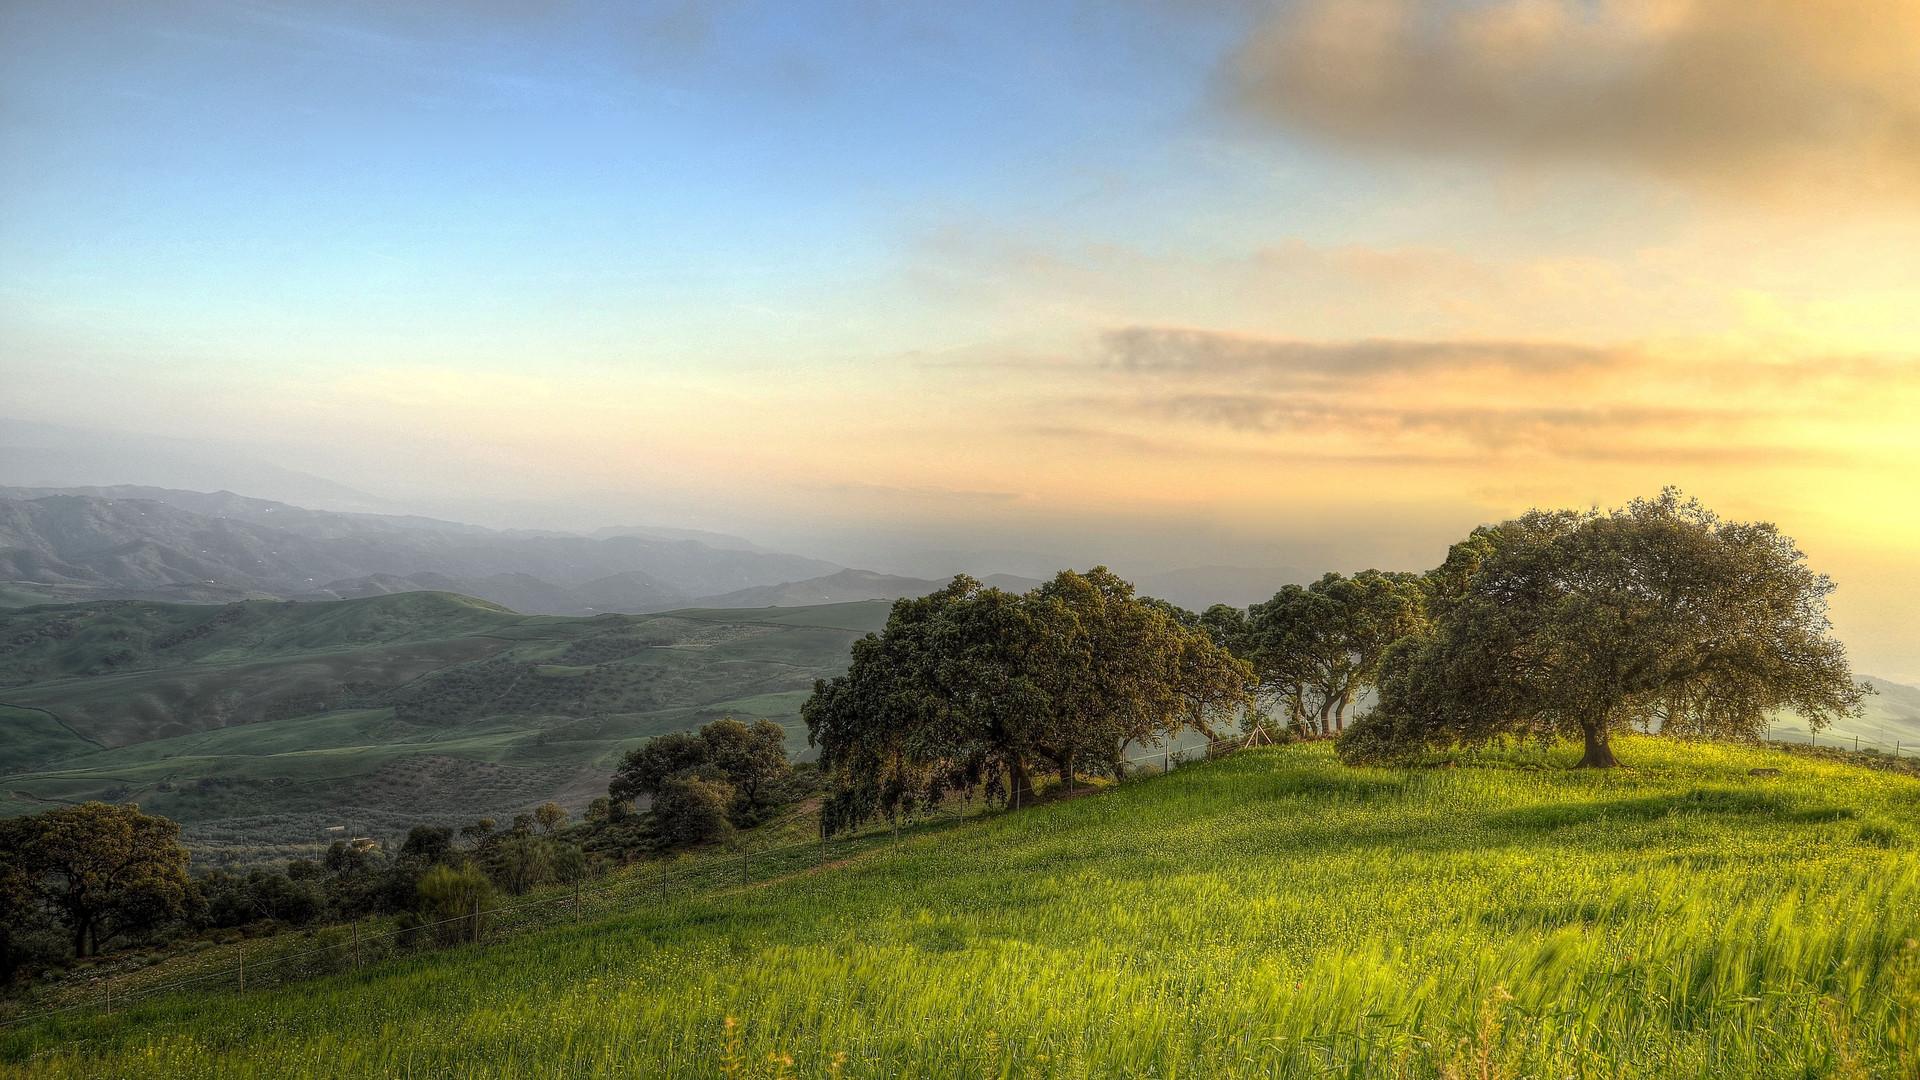 countryside-dawn-field-164025.jpg